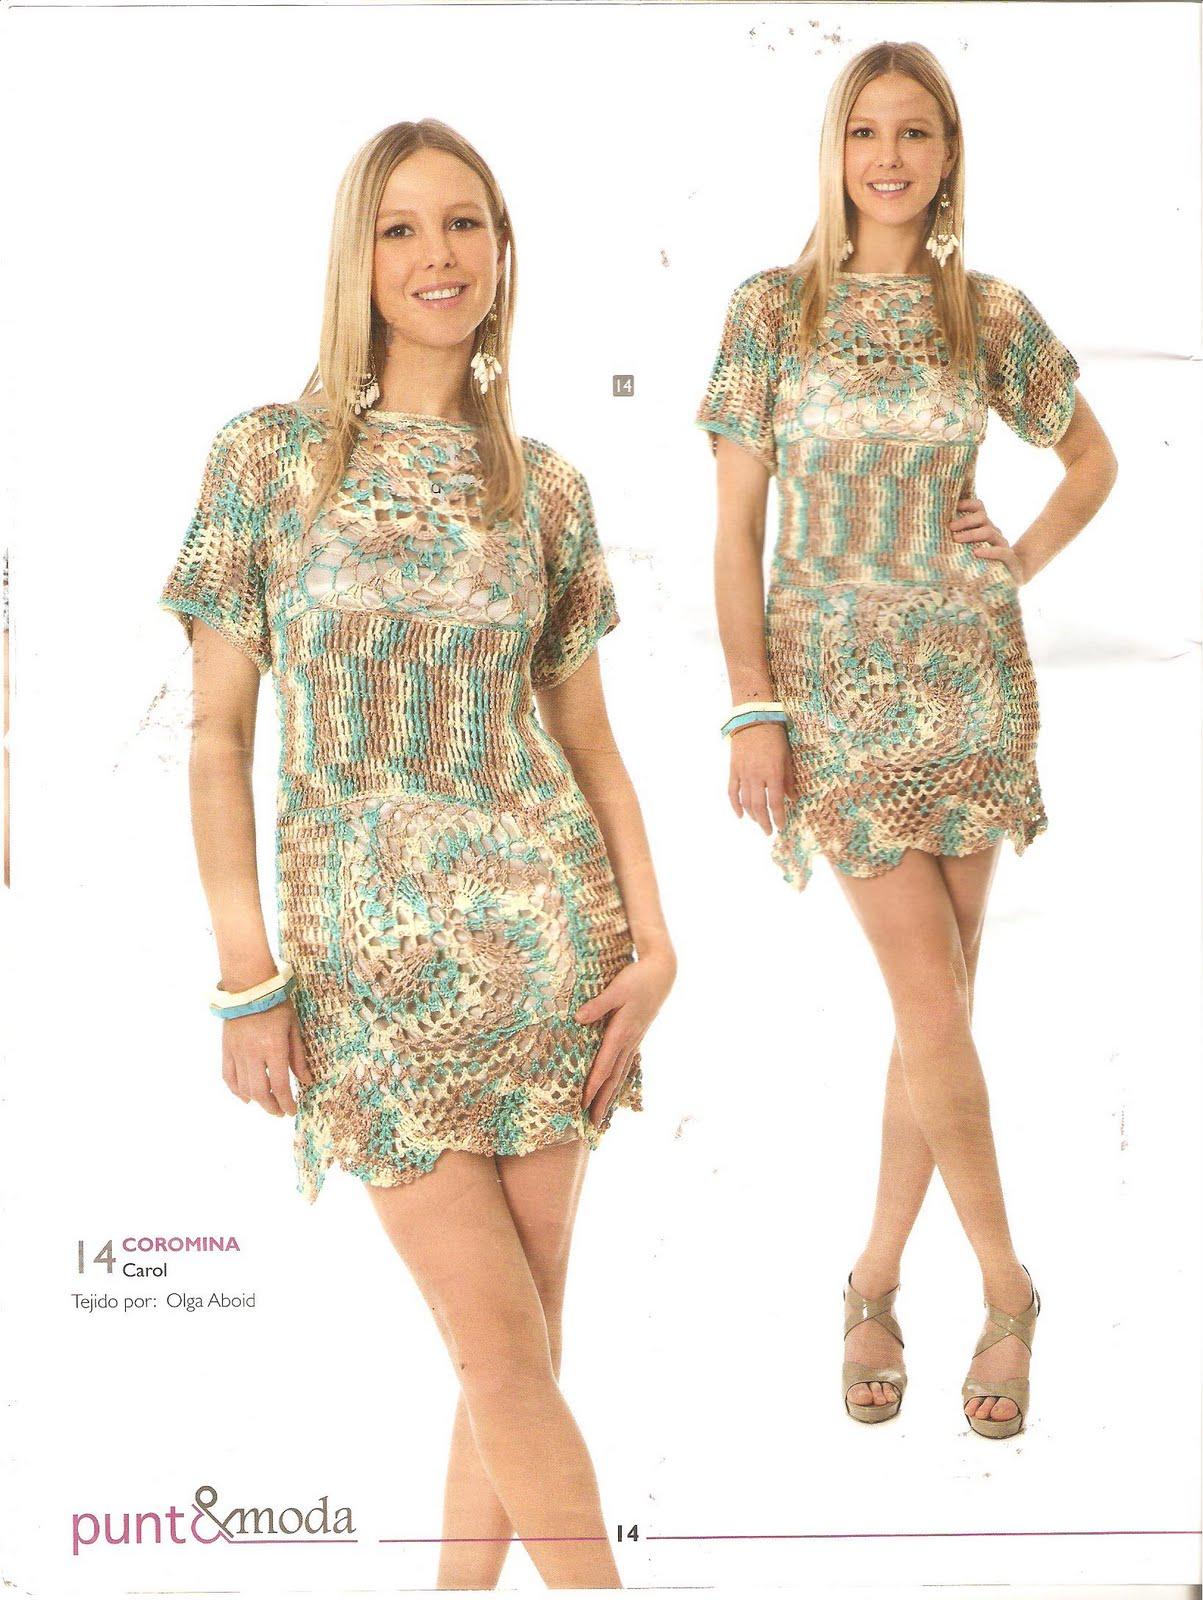 http://1.bp.blogspot.com/-bYgH-sShX10/TdxQg4GmVKI/AAAAAAAAAvg/RTWpegeOEM8/s1600/Punto+%2526+Moda+011.jpg